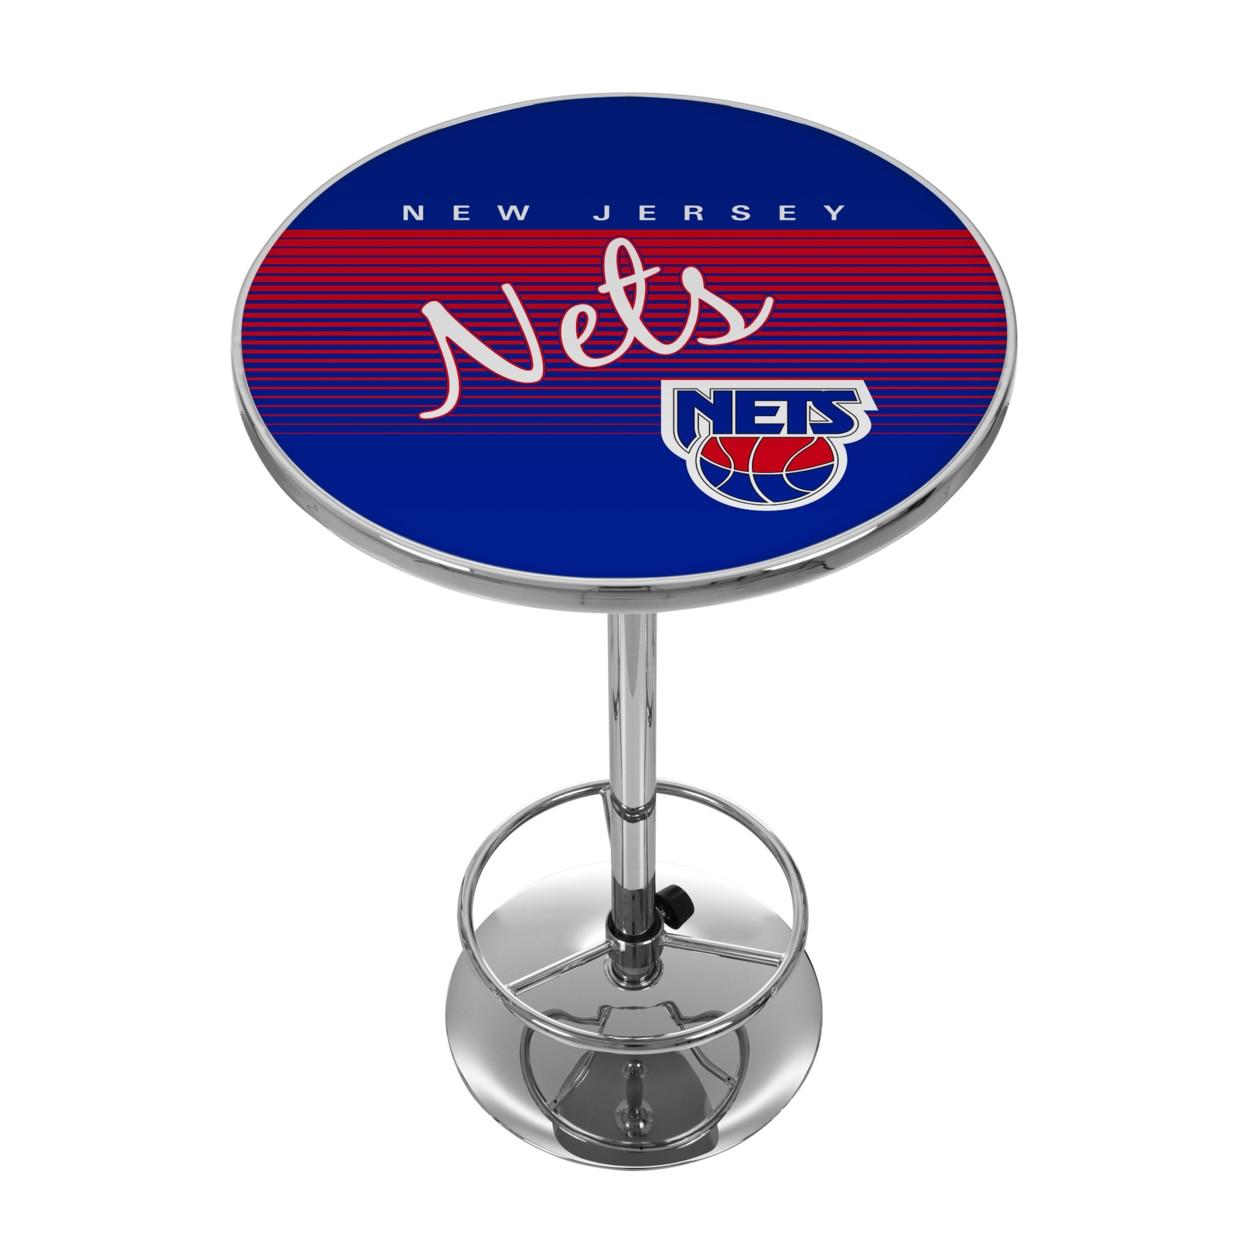 цена на New Jersey Nets Hardwood Classics NBA Chrome 42 Inch Pub Table